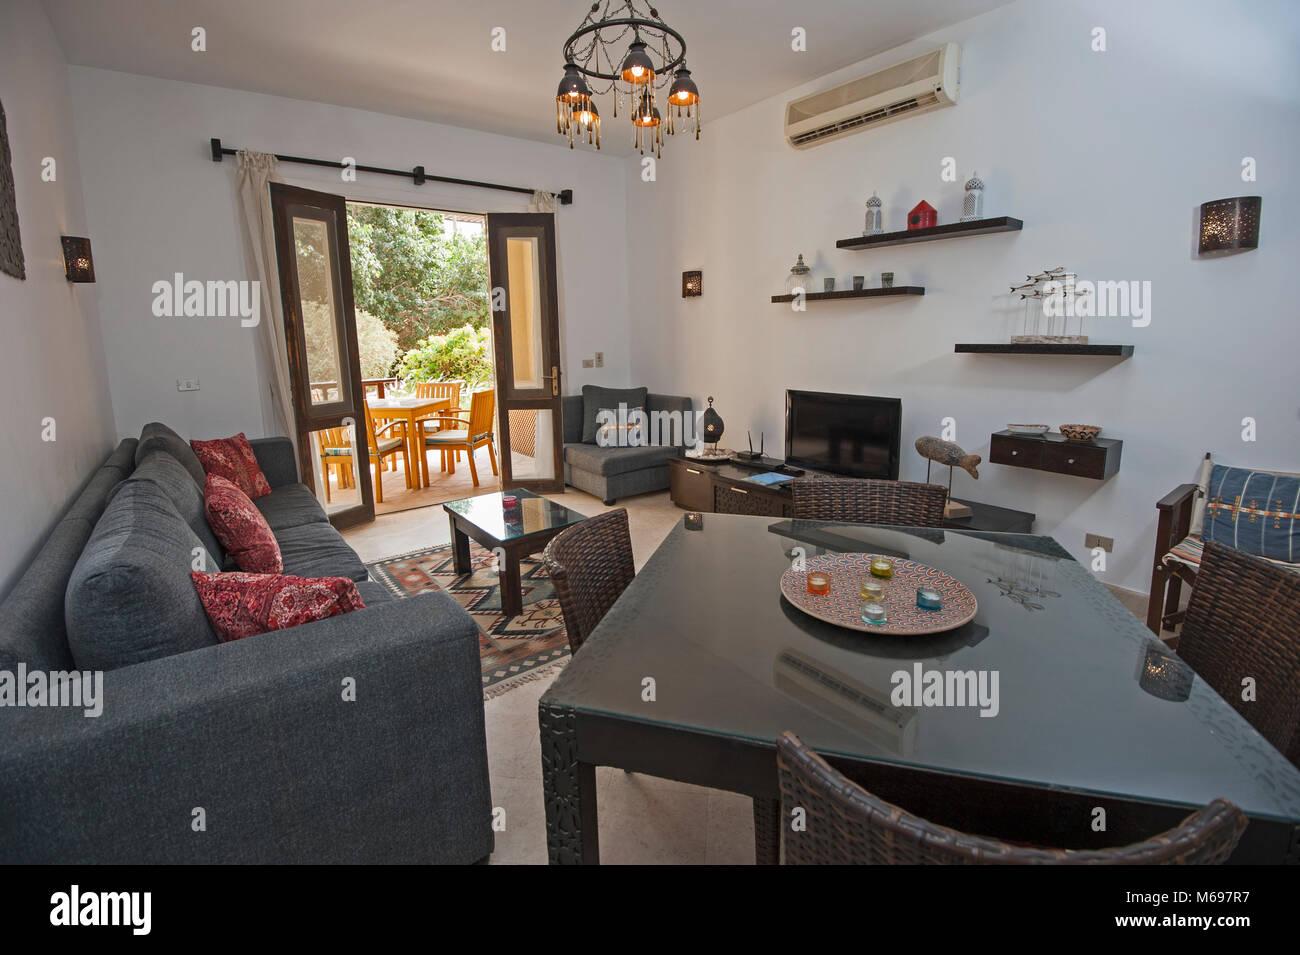 Wohnzimmer Wohnbereich In Luxus Villa Zeigen Home Übersicht Interior Design Einrichtung  Einrichtung Und Gartenblick